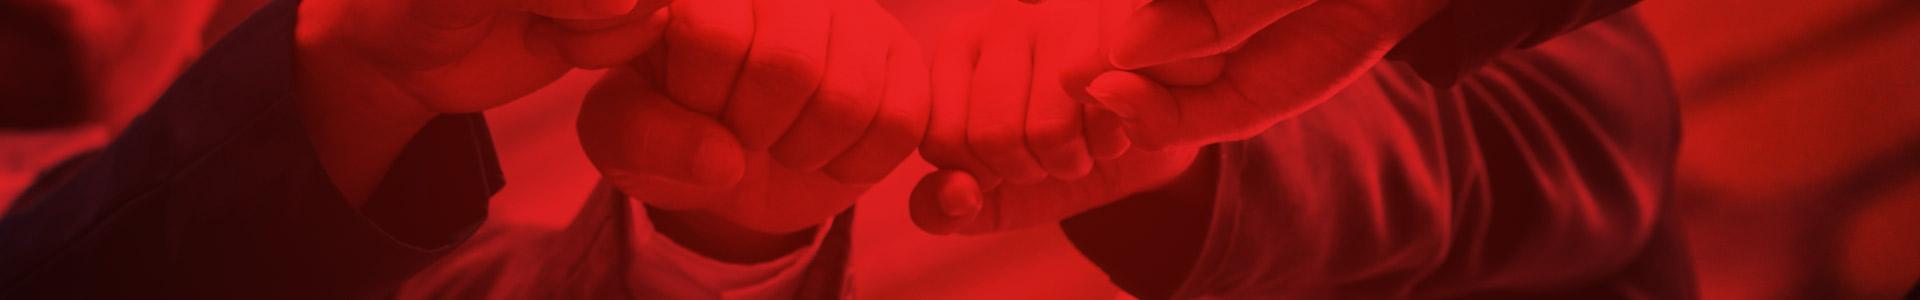 Fist pumo